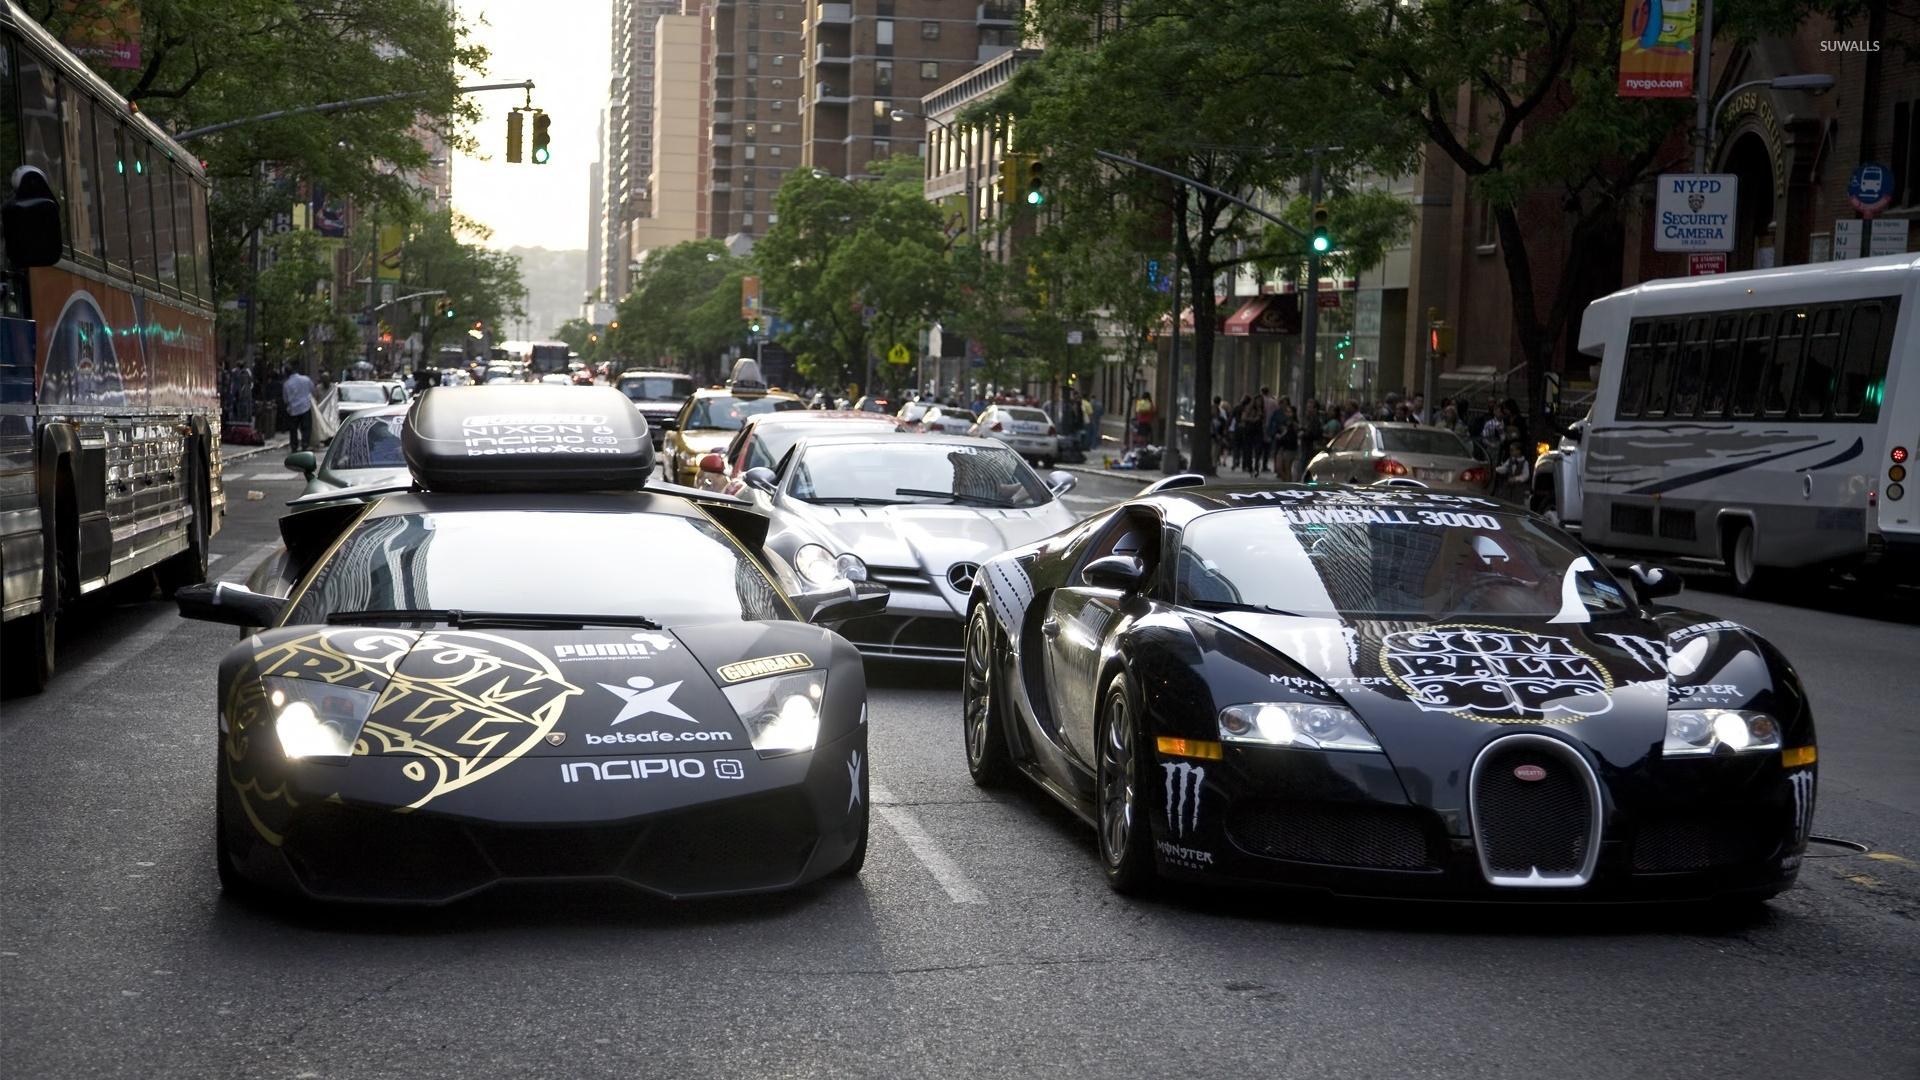 lamborghini-murcielago-vs-bugatti-veyron-50932-1920x1080 Inspiring Bugatti Veyron Vs Lamborghini Gallardo Cars Trend